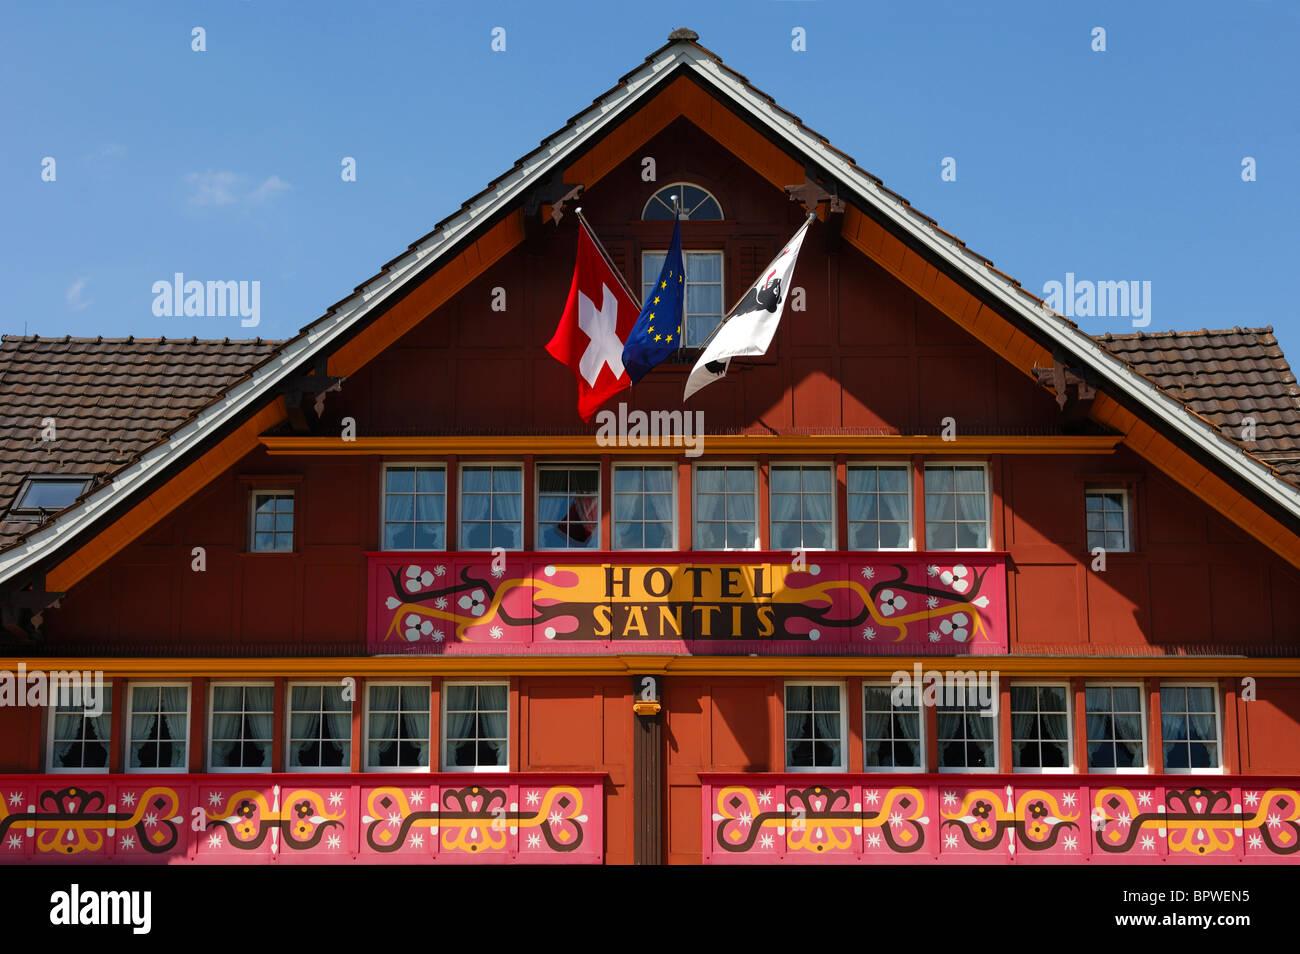 Romantik-Hotel Säntis mit seiner prächtigen Fassade, Appenzell, Schweiz Stockbild